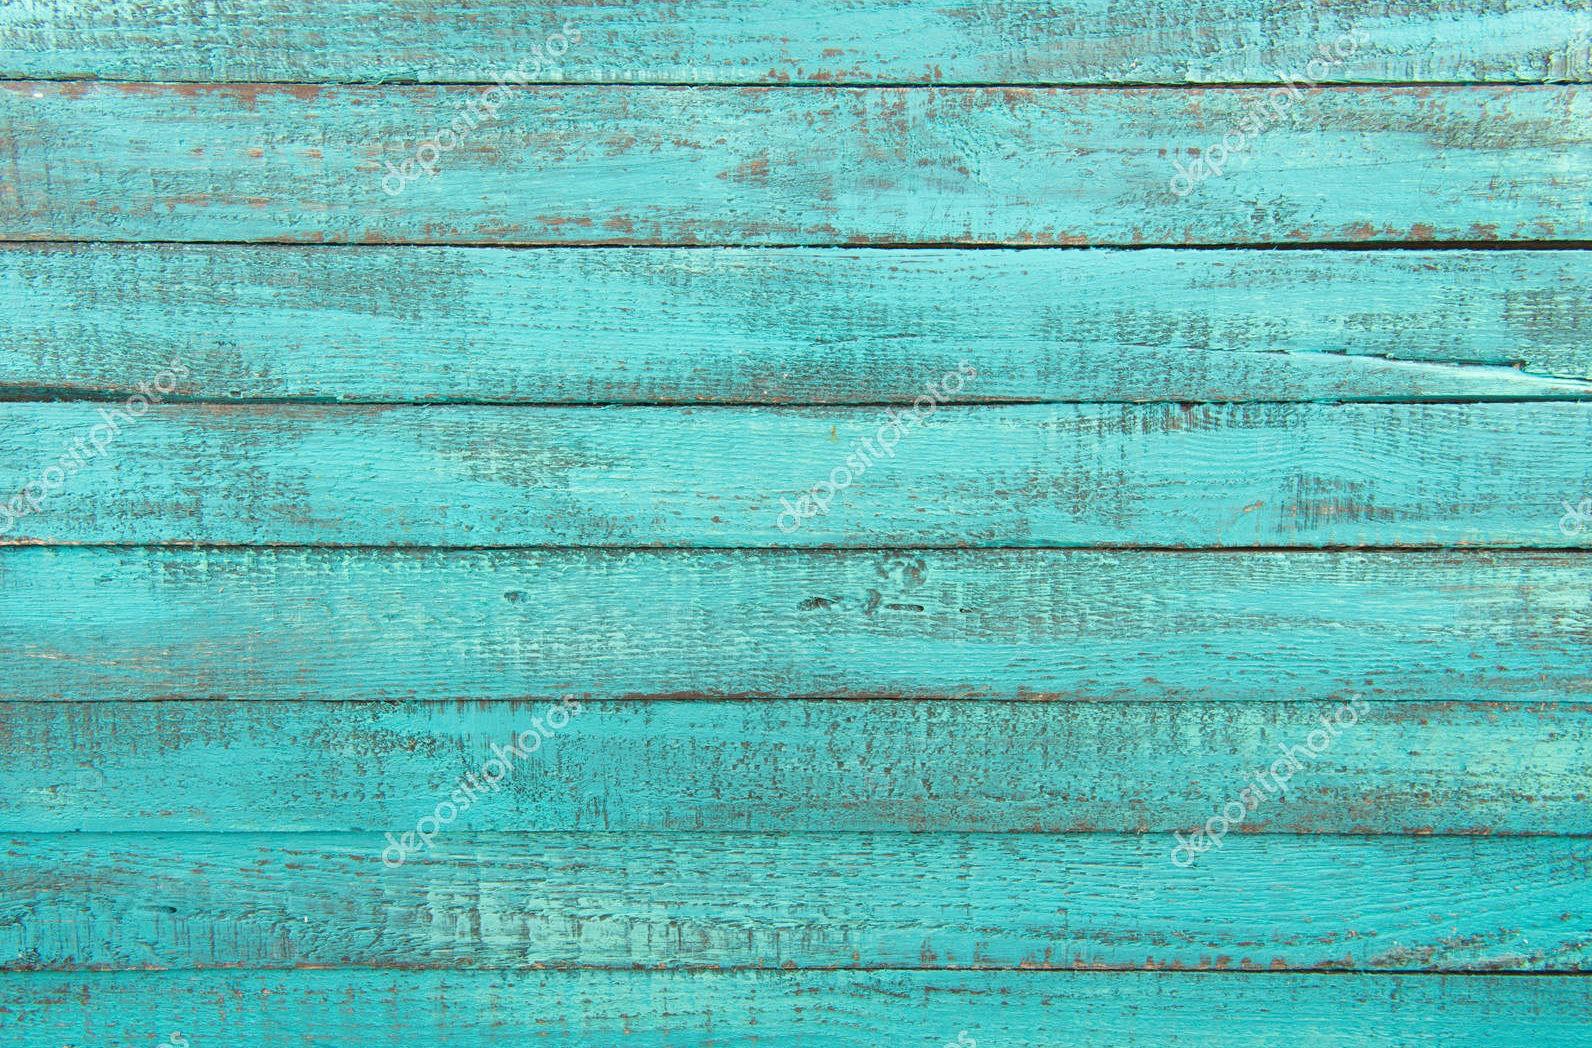 Декоративные деревянные планки, бирюза